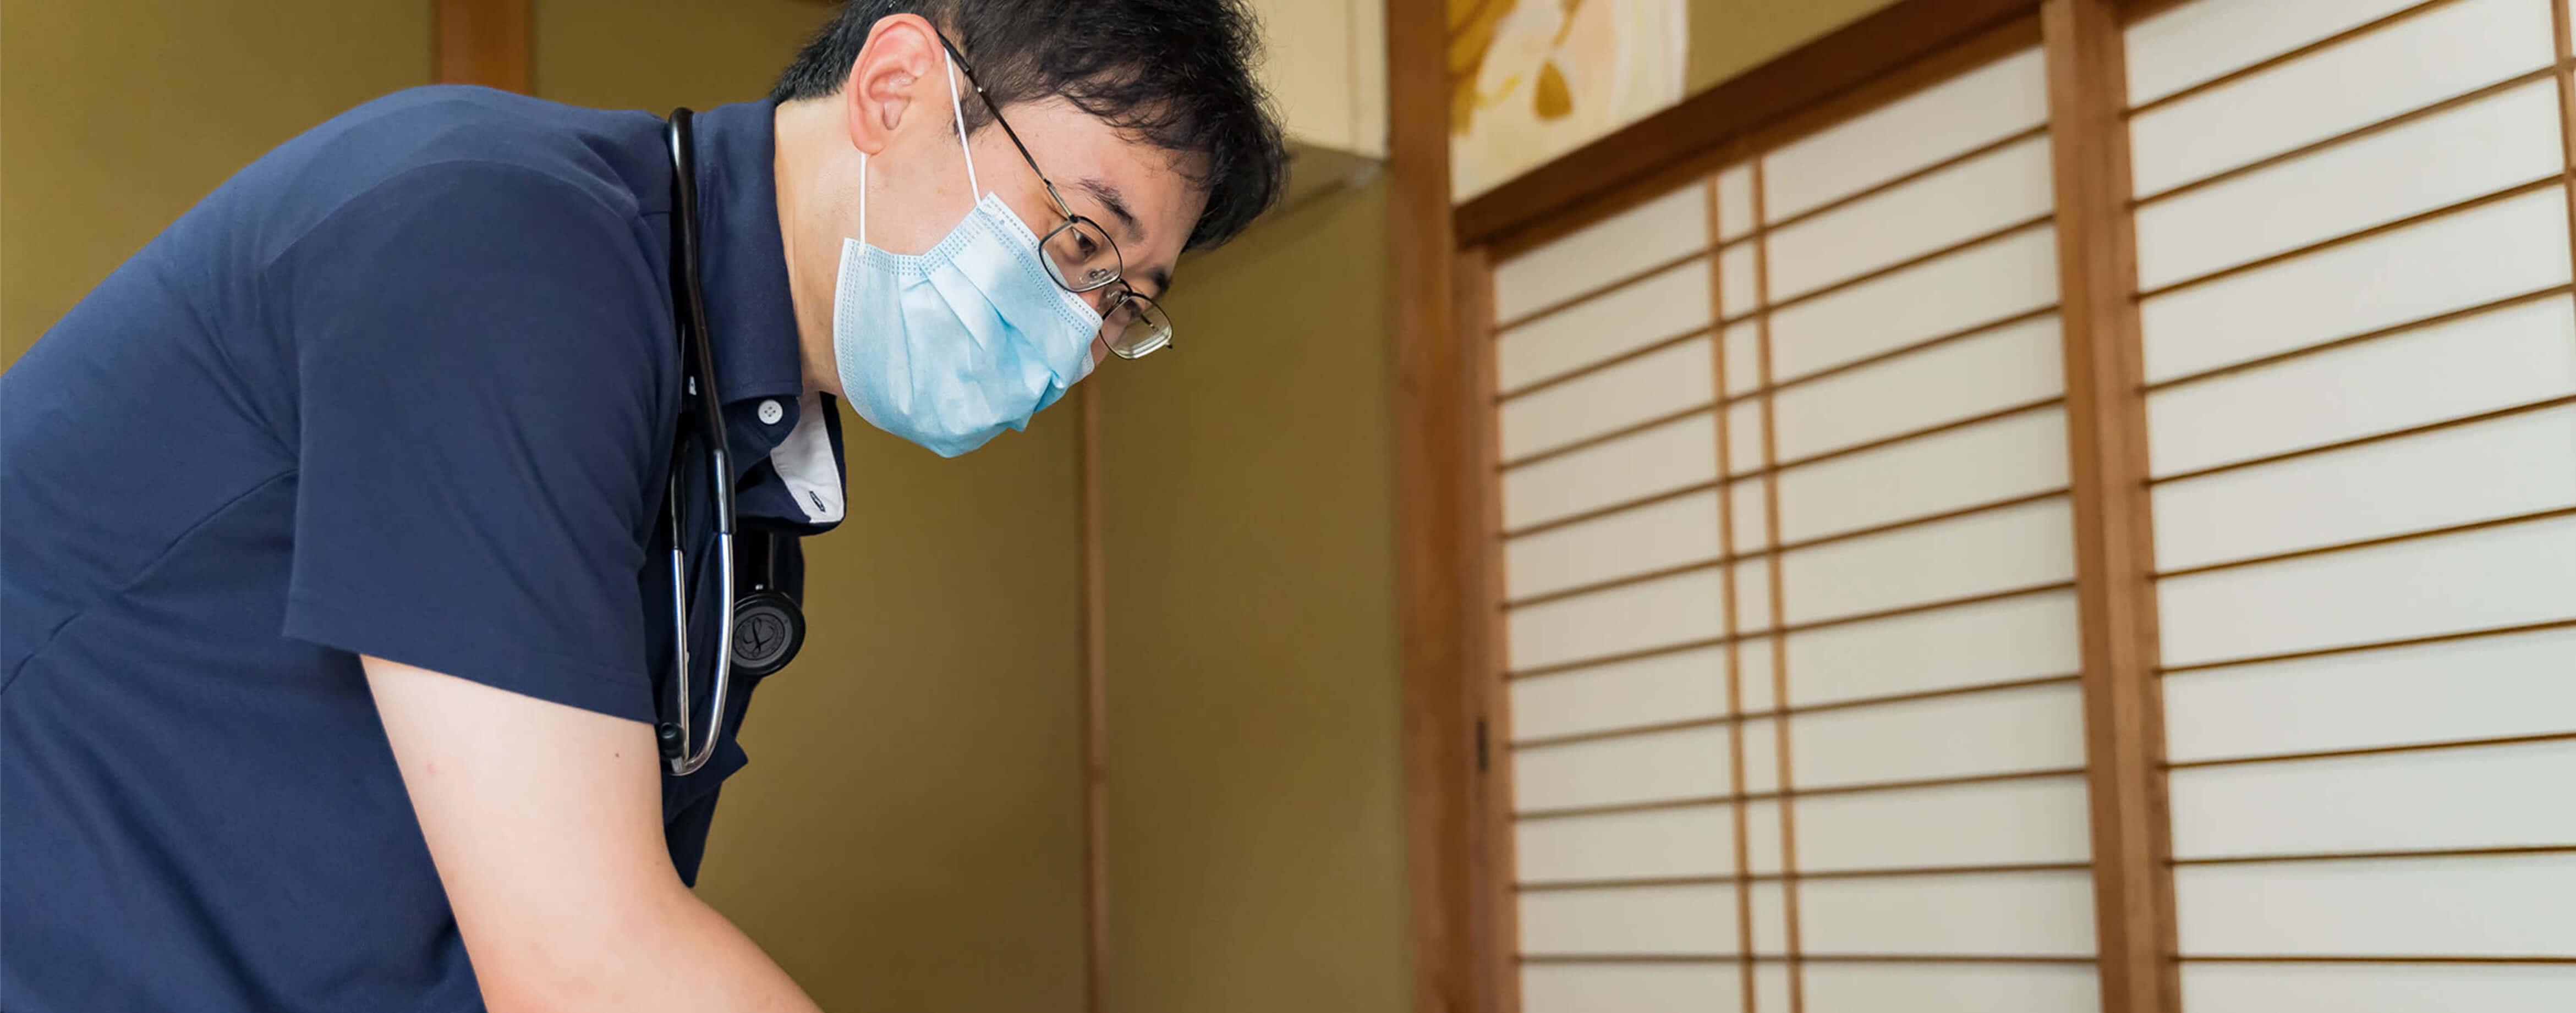 患者さんとそのご家族の 気持ちを大切にし、より質の高い在宅医療を目指していきます。